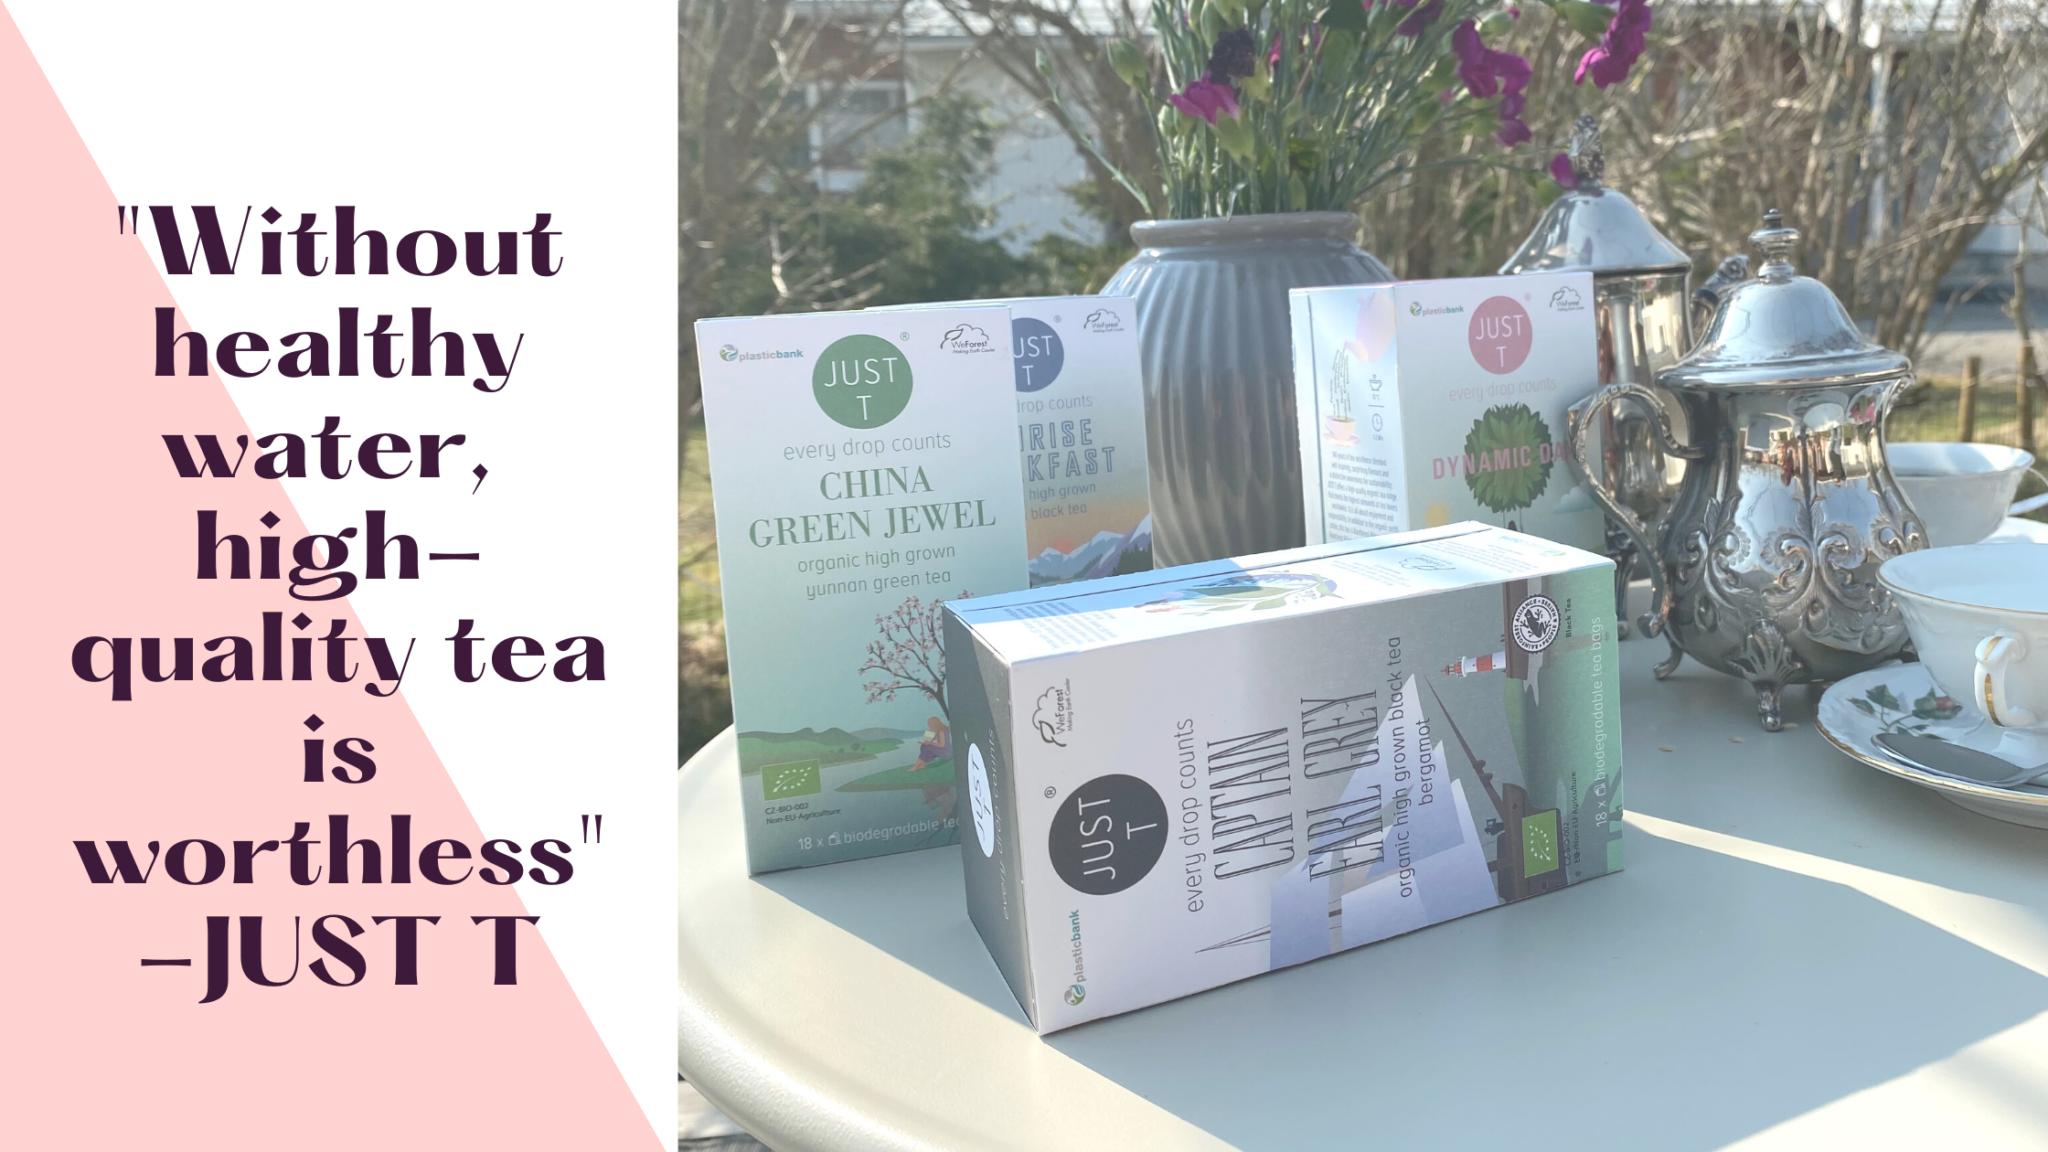 """vastuullisia teehetkiä, Just t teepaketteja pöydän etualalla, aurinko paistaa, pöydällä myös hopeinen teekannu ja kaunis kahvikuppi asettimella, kukkamaljakko taustalla, teksti """"Without healthy water,  high-quality tea is worthless"""" -JUST T"""